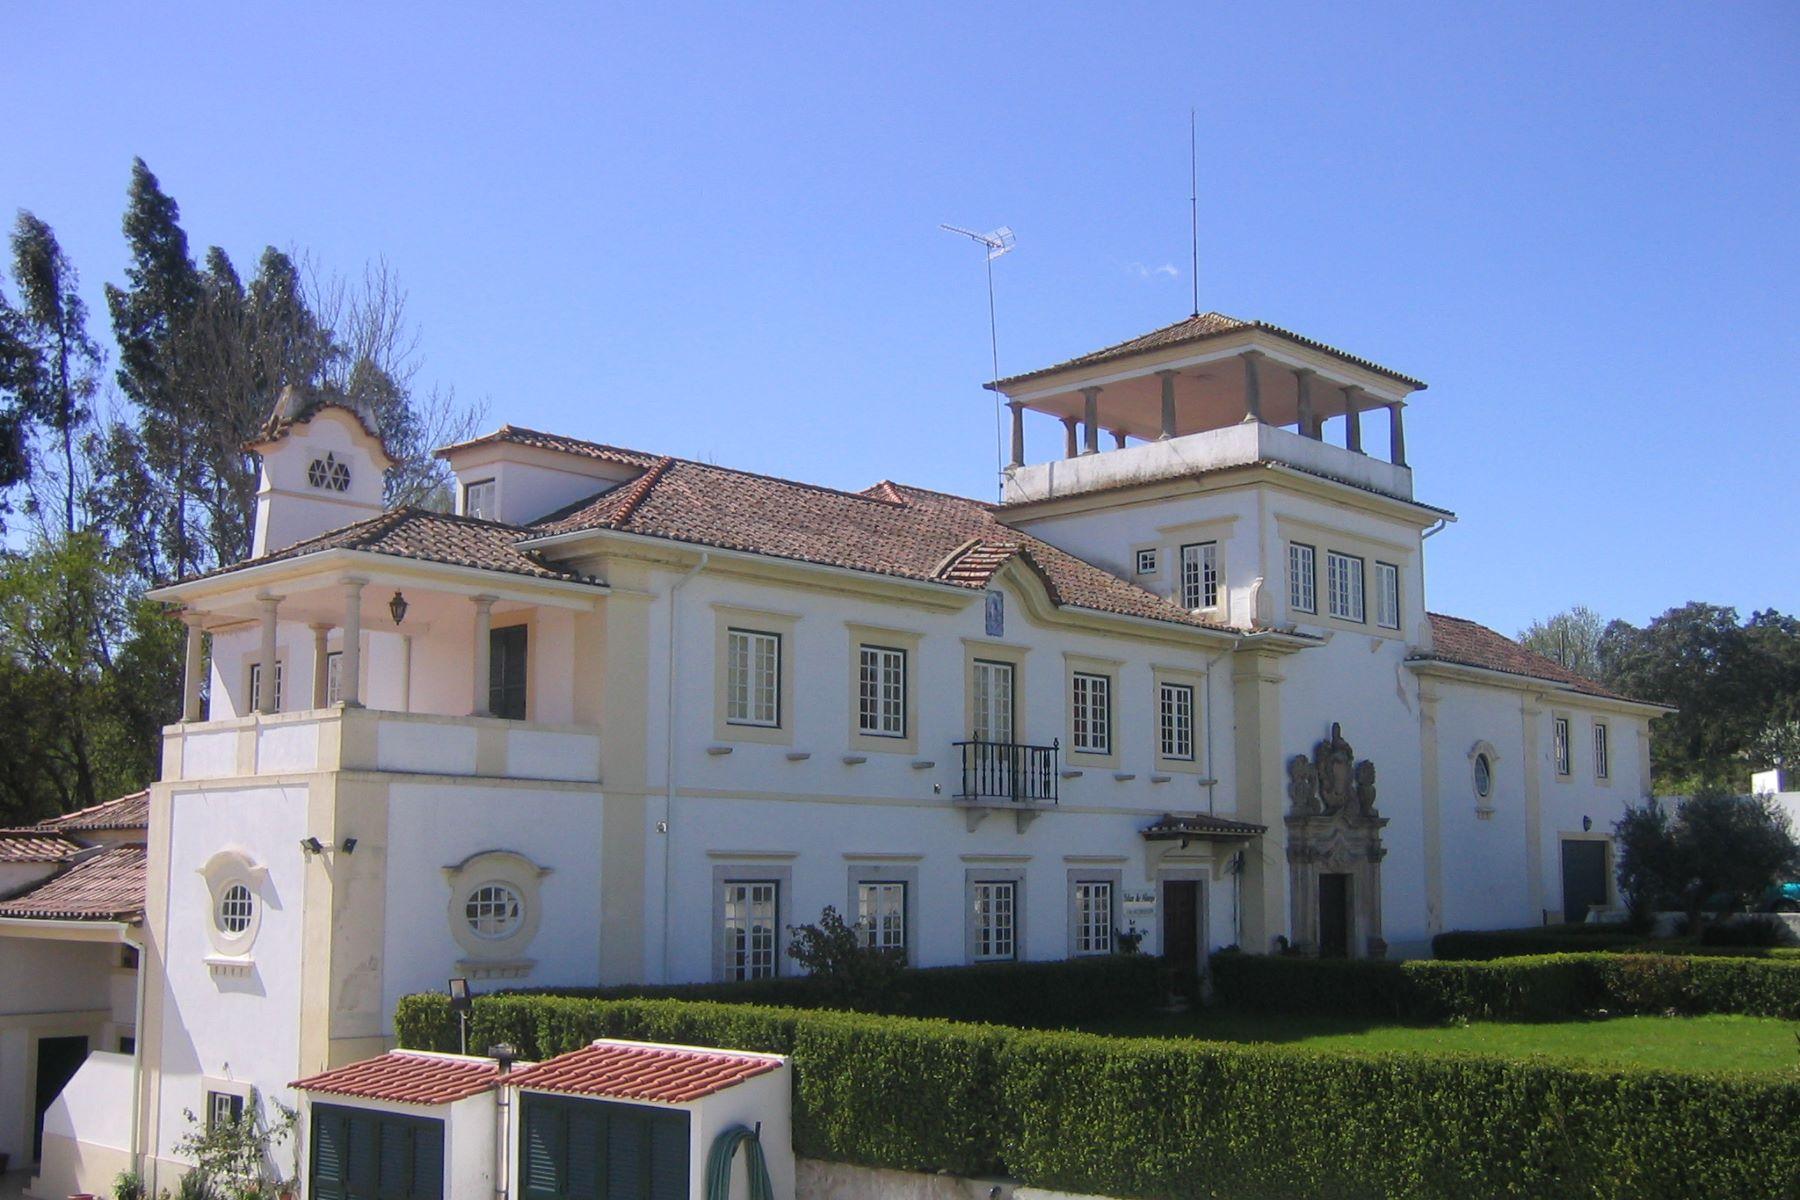 Fazenda / Rancho / Plantação para Venda às Farm, 8 bedrooms, for Sale Other Portugal, Outras Áreas Em Portugal, Portugal